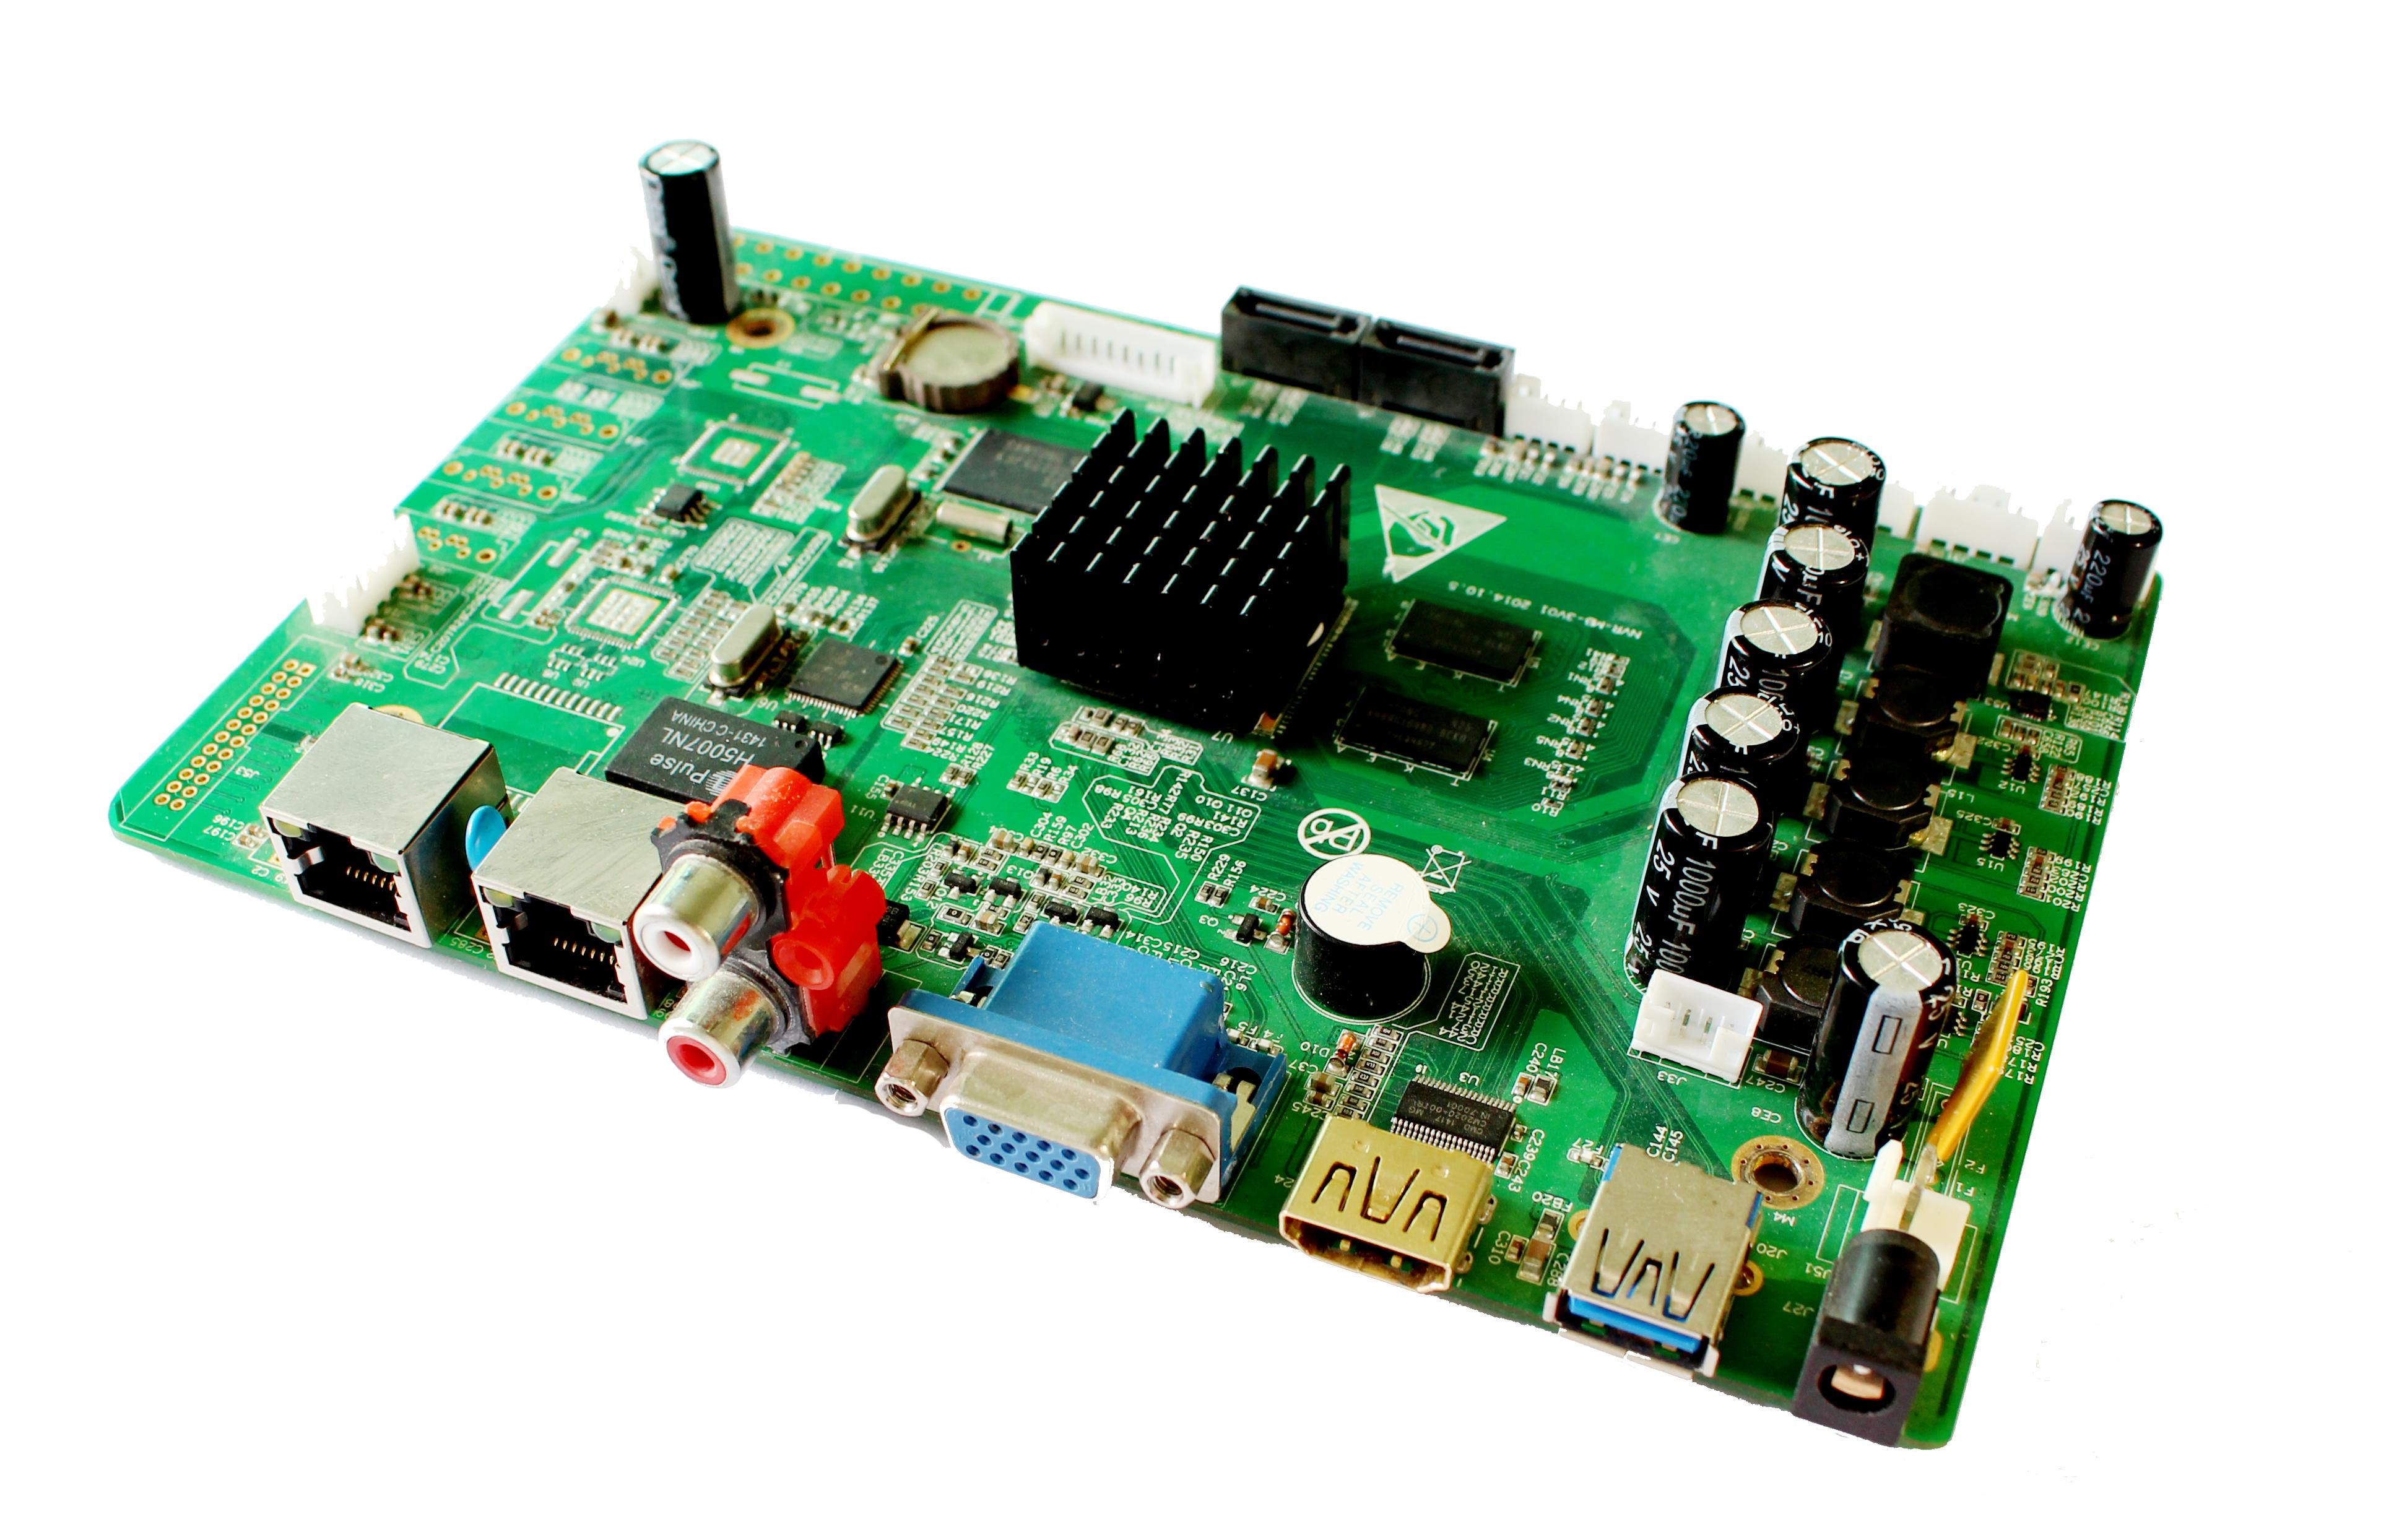 2个内置sata接口 网络接口 : 2个10/100mbps自适应以太网口,rj45接口